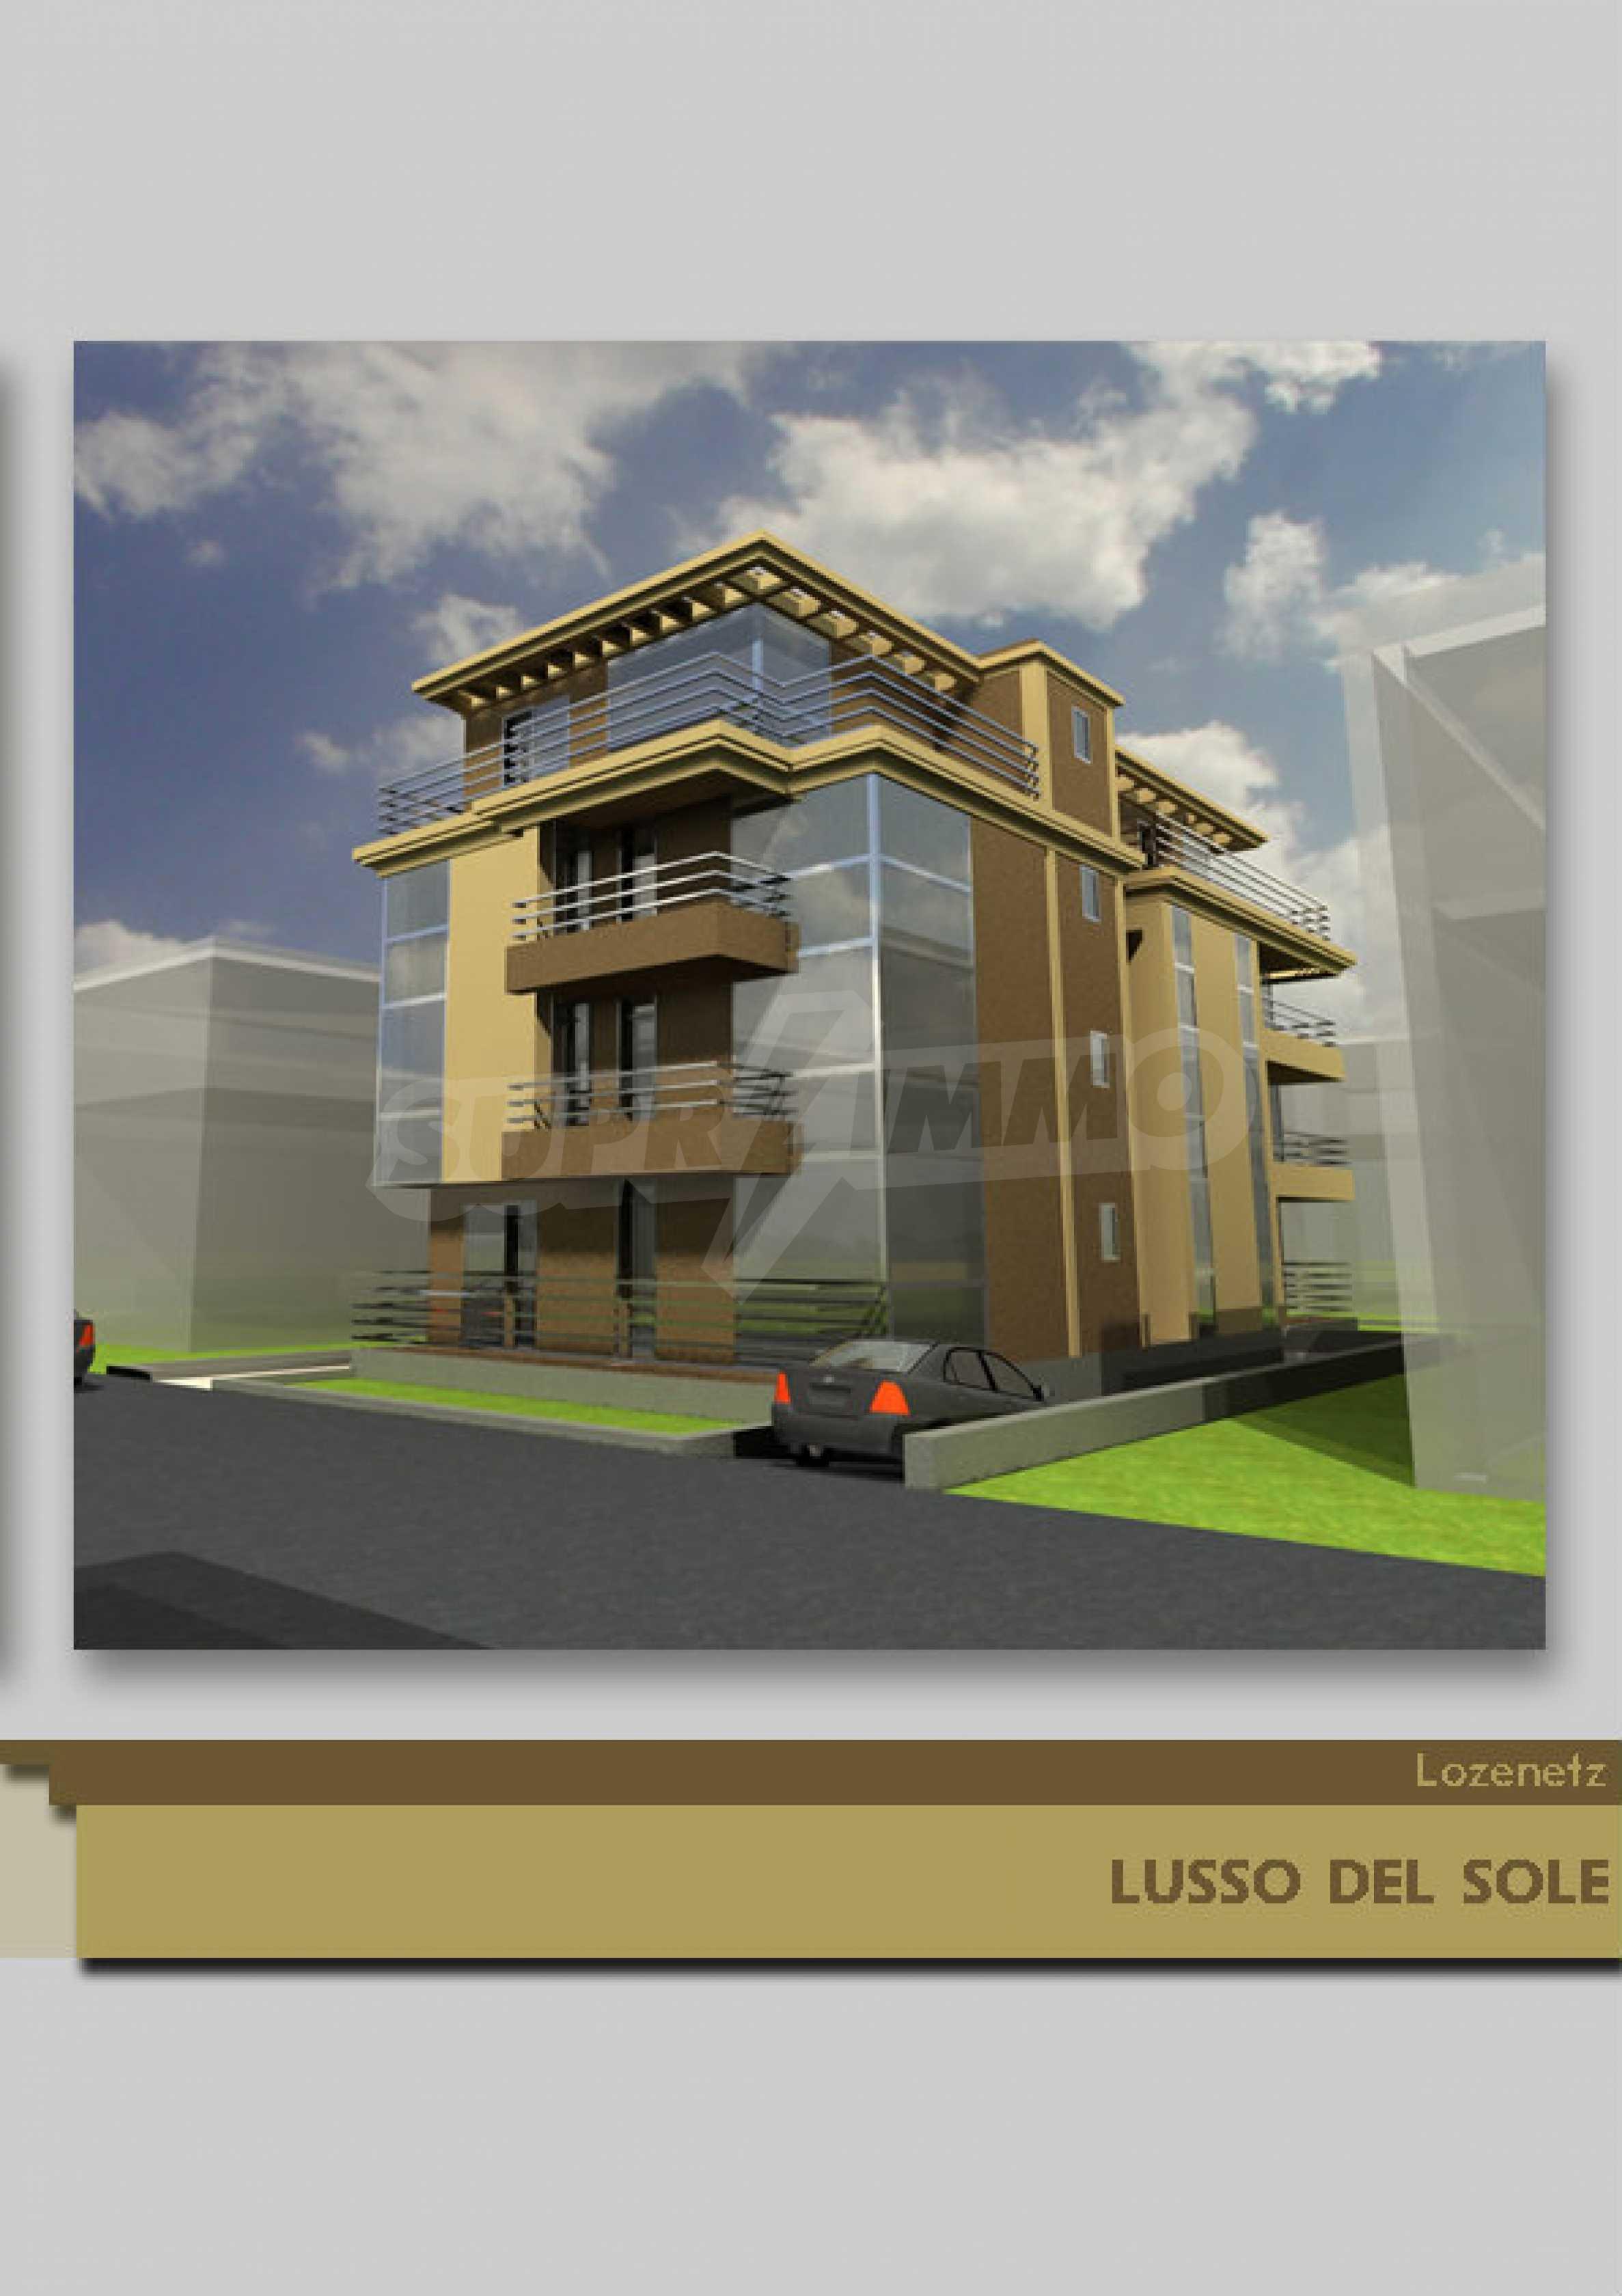 Development project in Lozenets 2